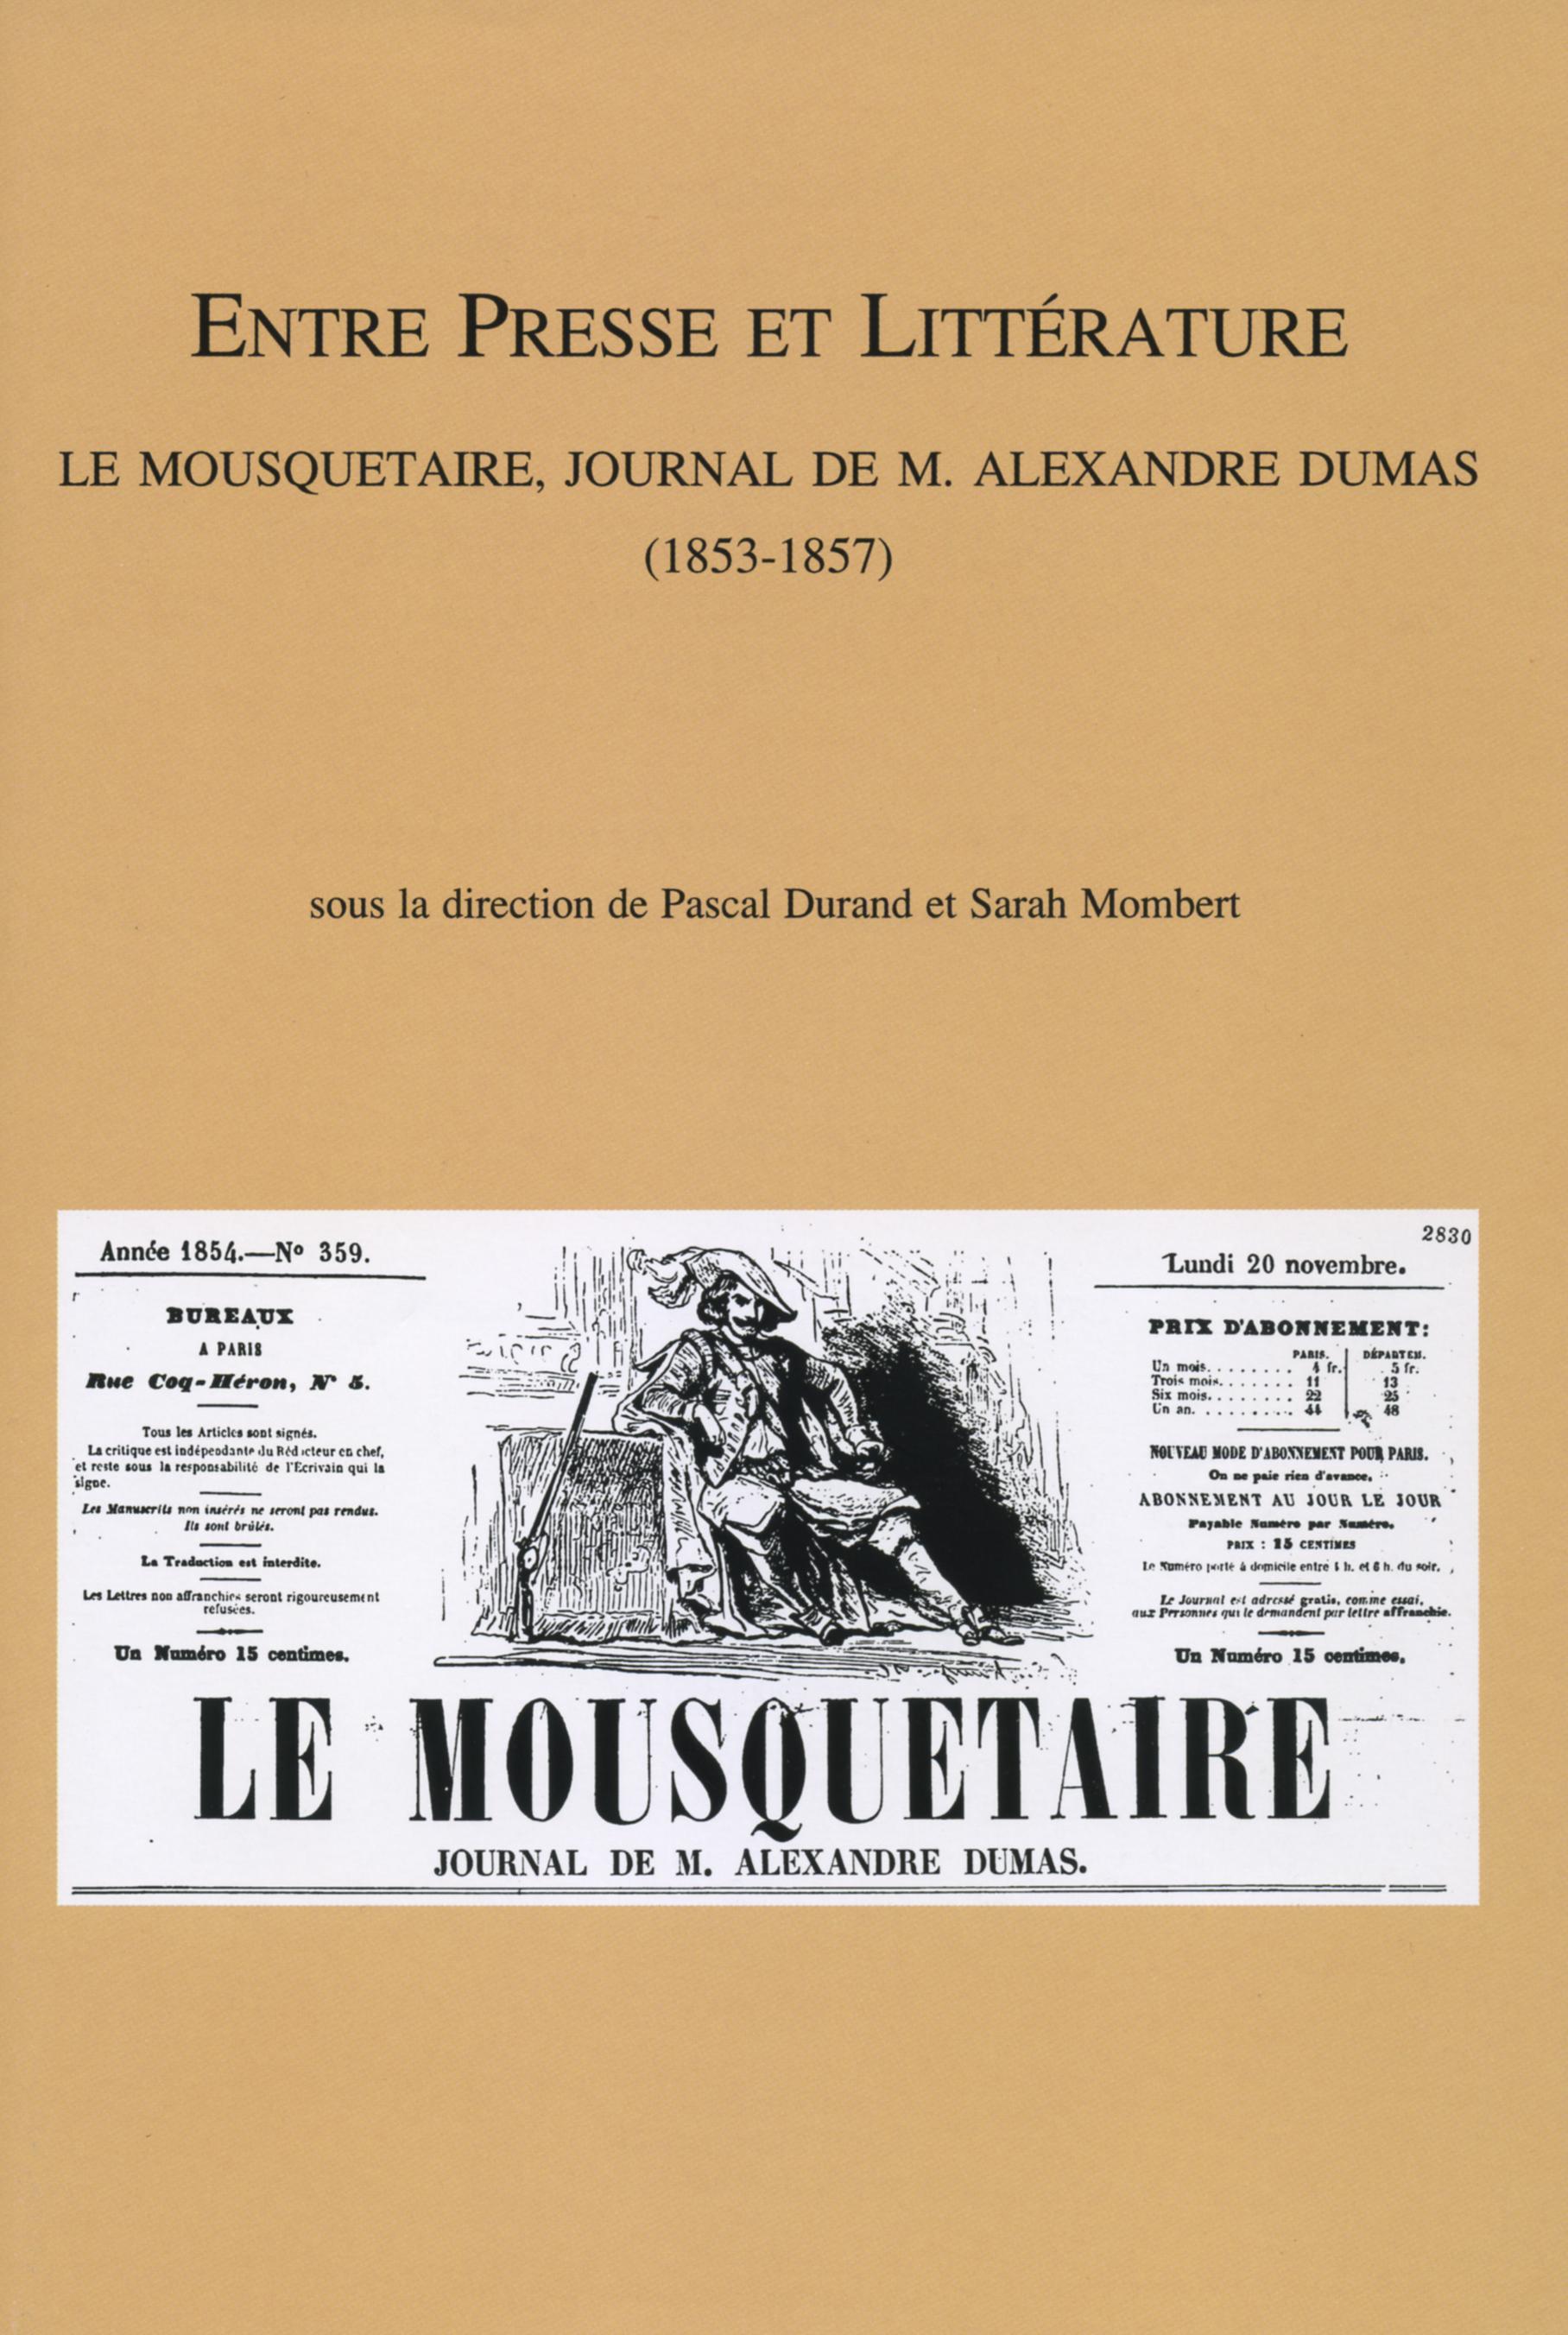 ENTRE PRESSE ET LITTERATURE. LE MOUSQUETAIRE JOURNAL DE M. ALEXANDRE DUMAS (1853-1857).